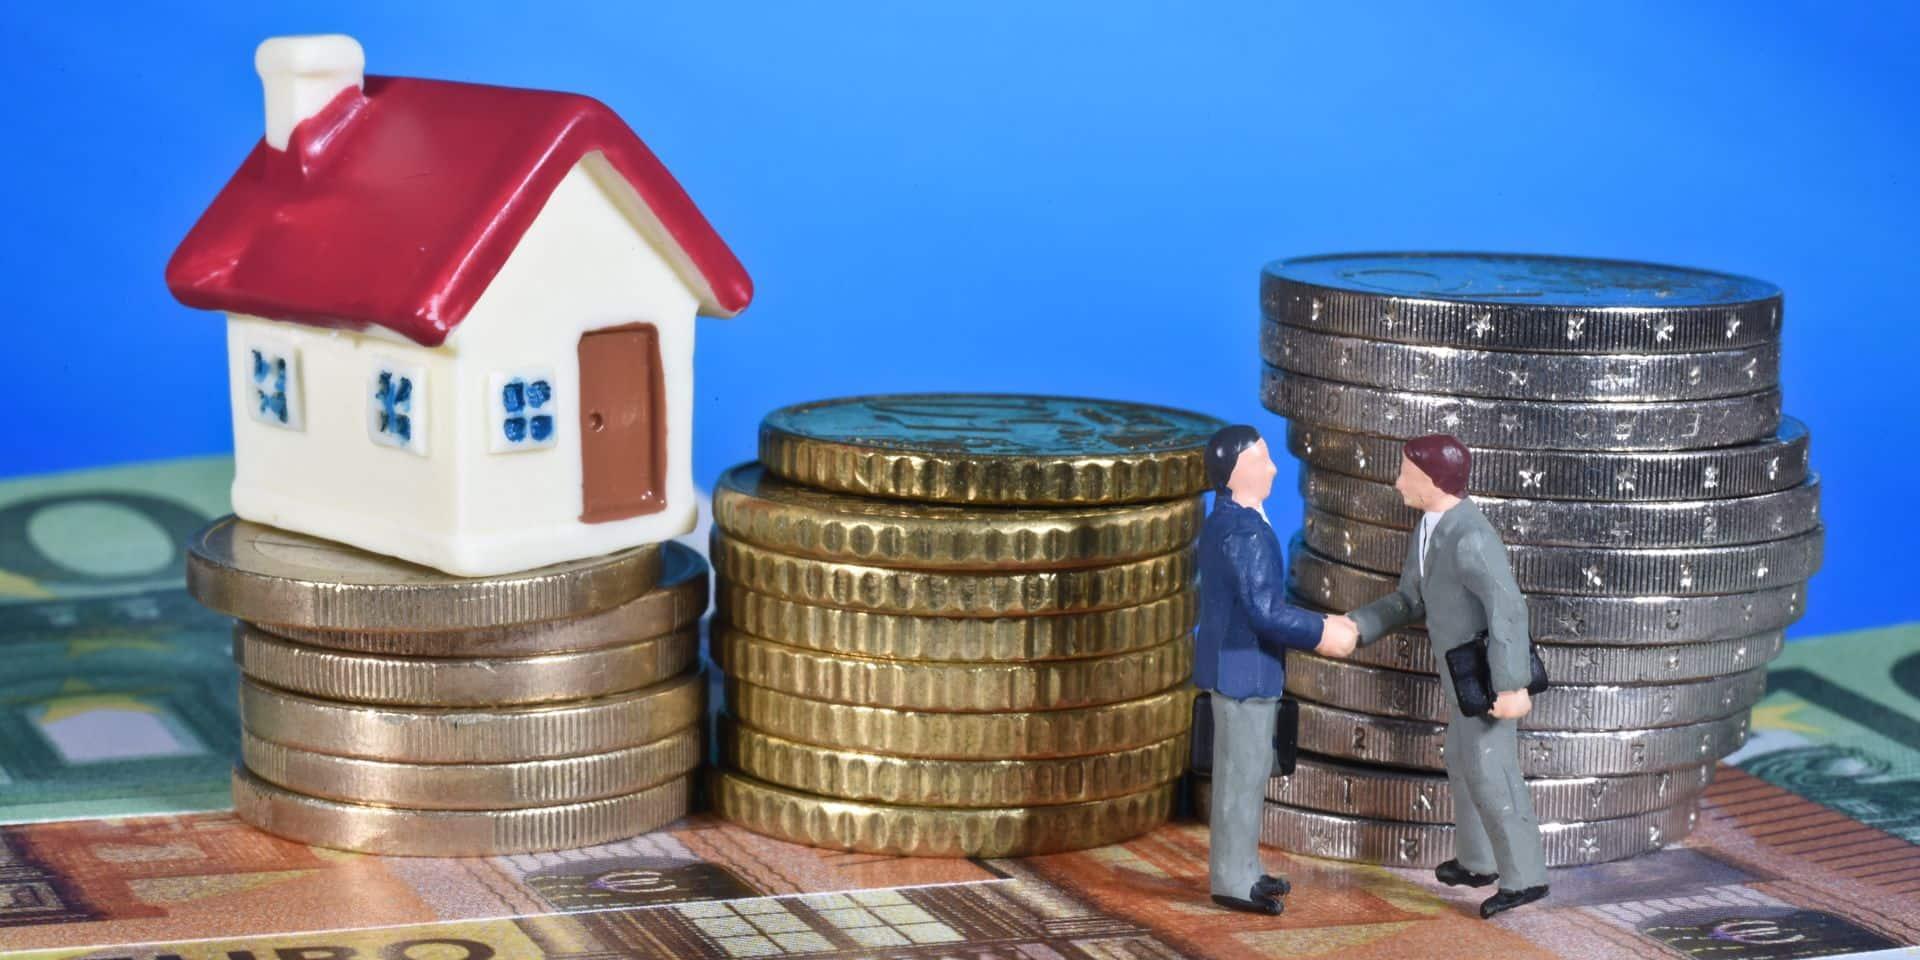 Emprunts hypothécaires : voici pourquoi les taux pourraient encore baisser